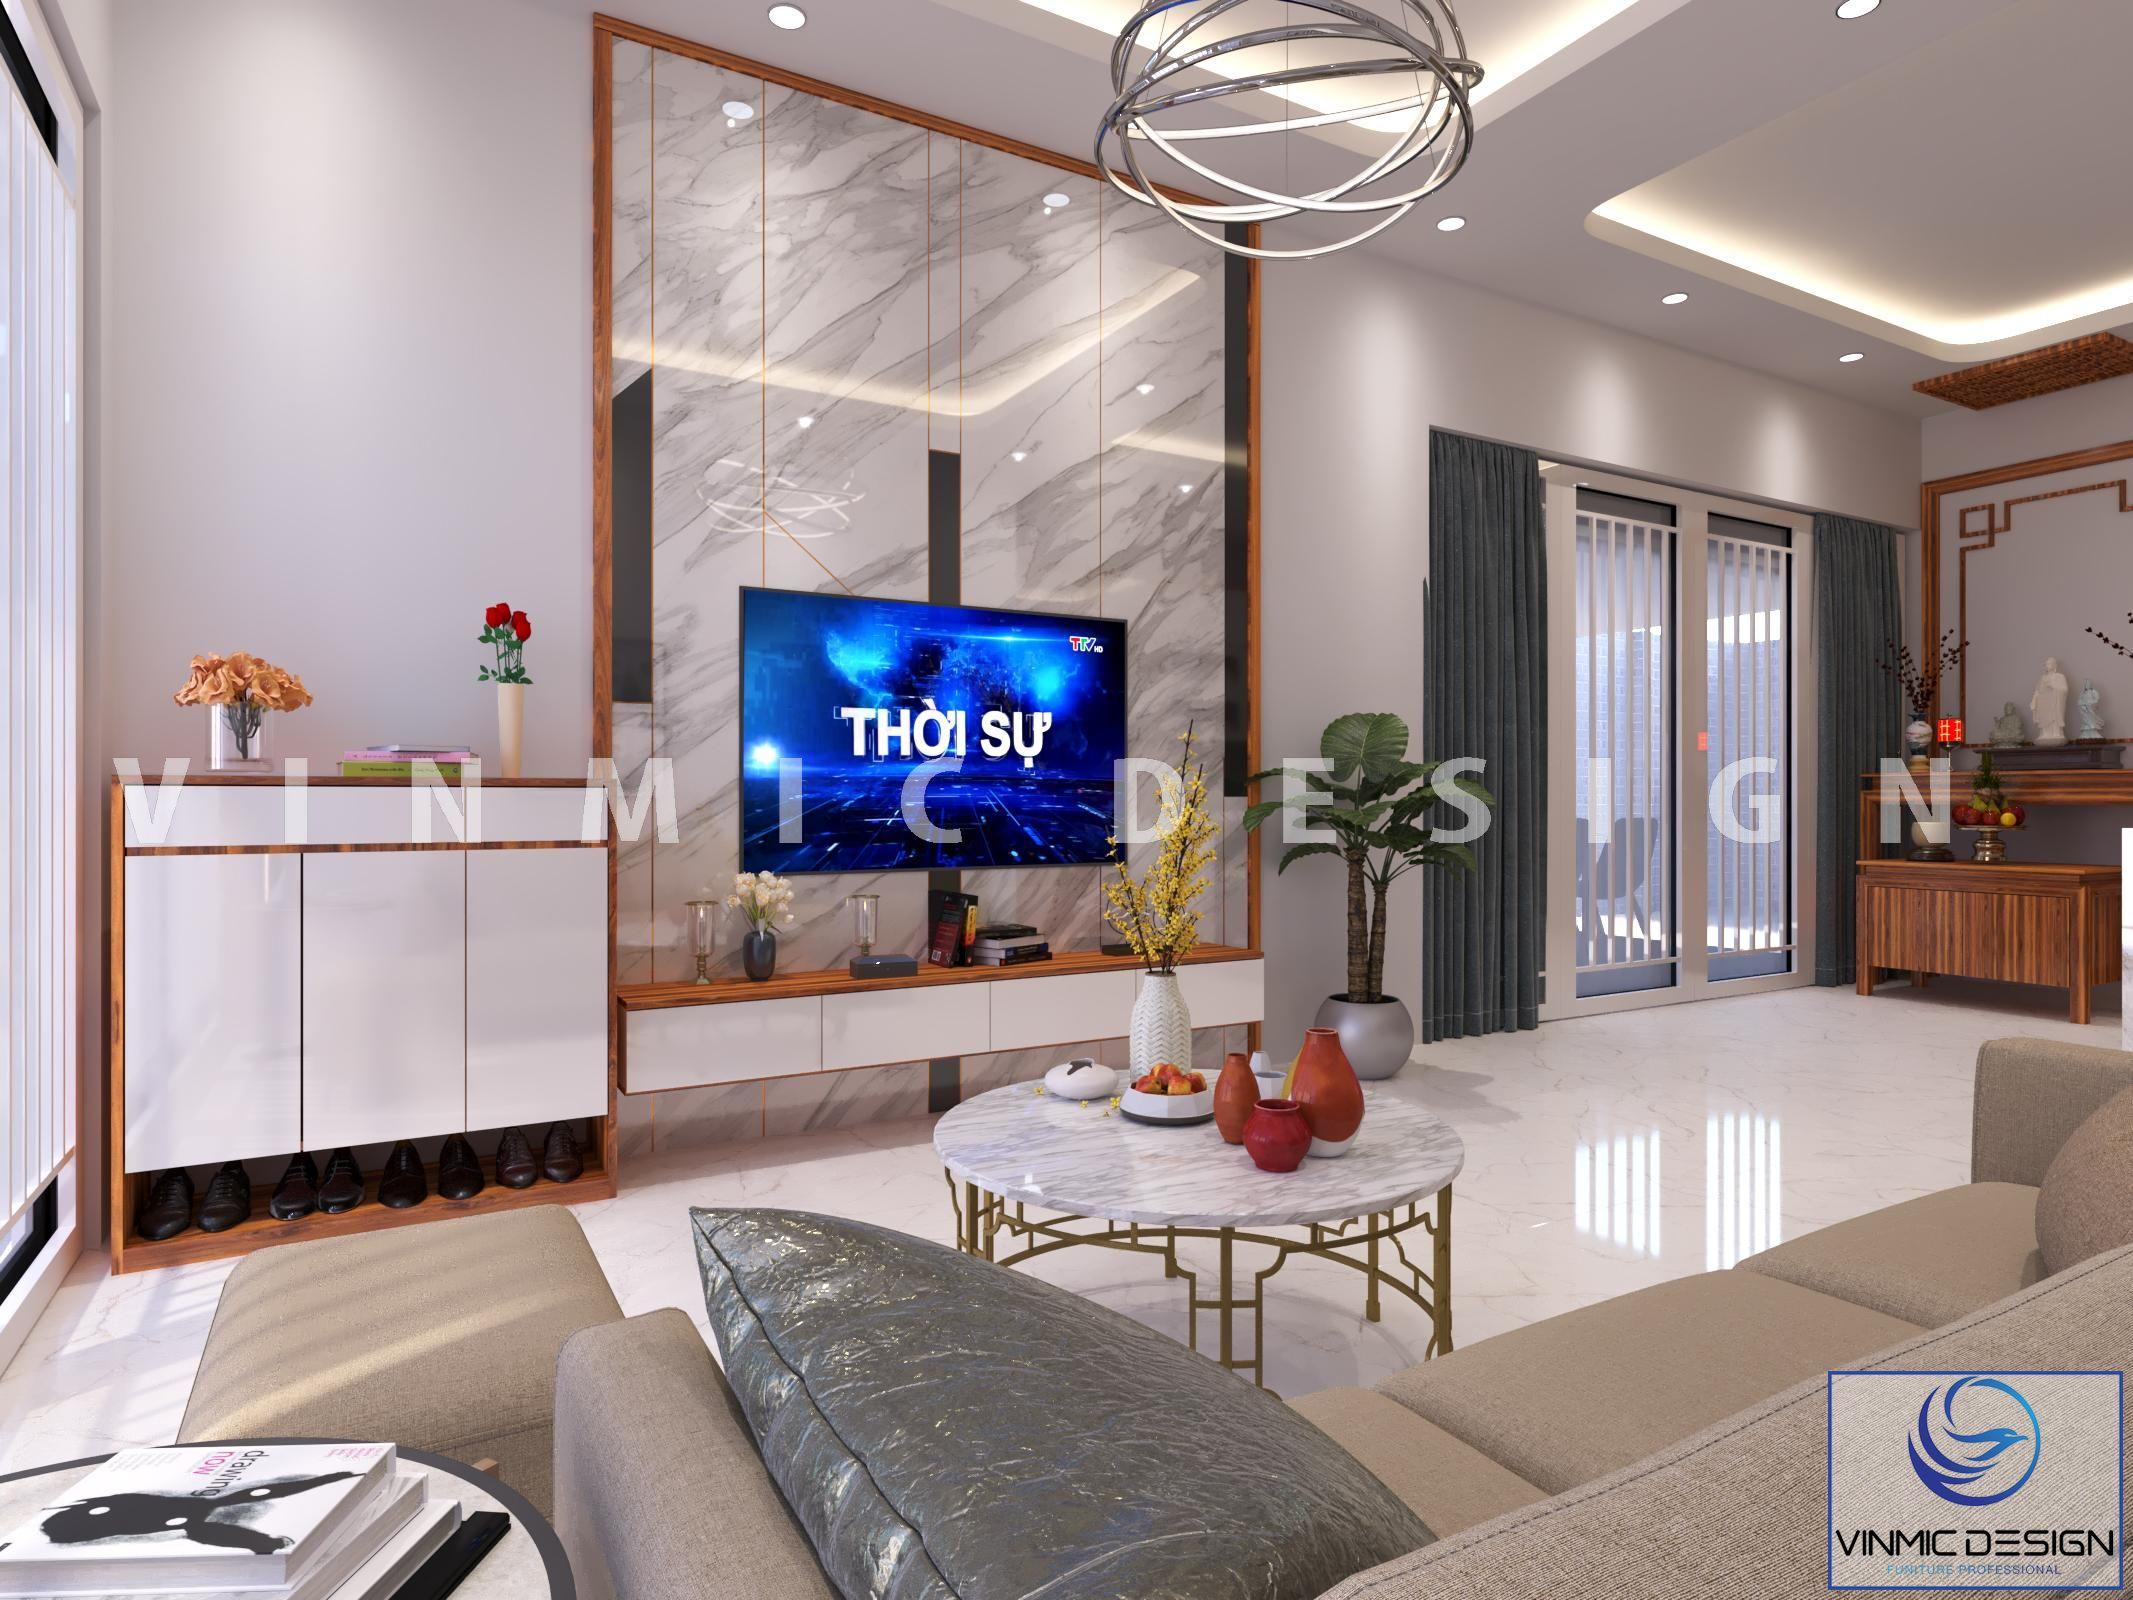 Thiết kế nội thất phòng khách sang trọng tại phố Kim Sơn - Ninh Bình